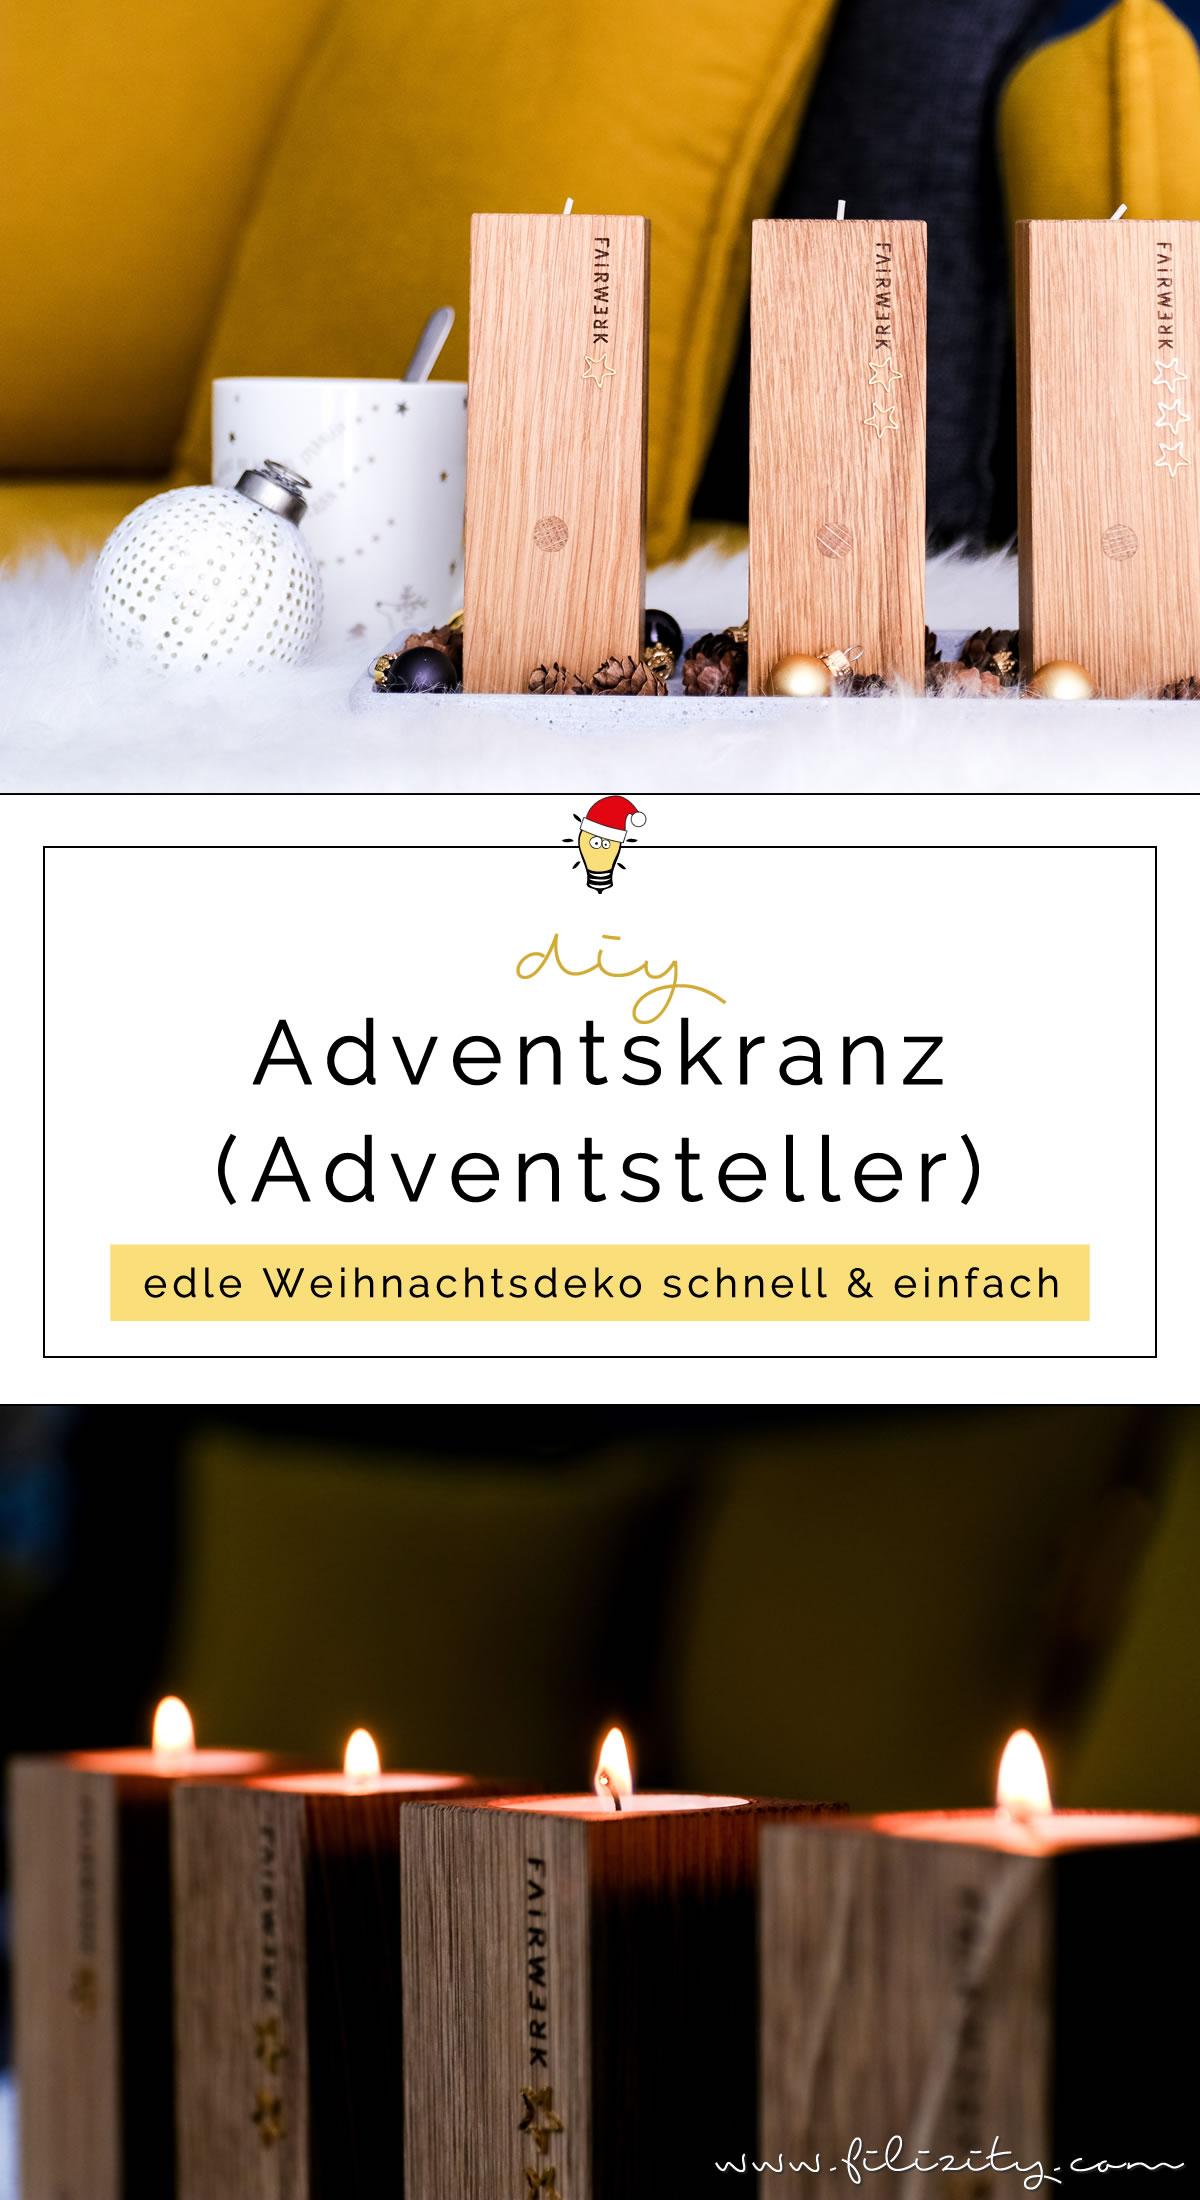 DIY Adventskranz basteln mit FAIRWERK | Natürlicher Last Minute Adventsteller | Filizity.com | DIY-Blog aus dem Rheinland #fairwerk #advent #adventskranz #weihnachten #geschenkidee